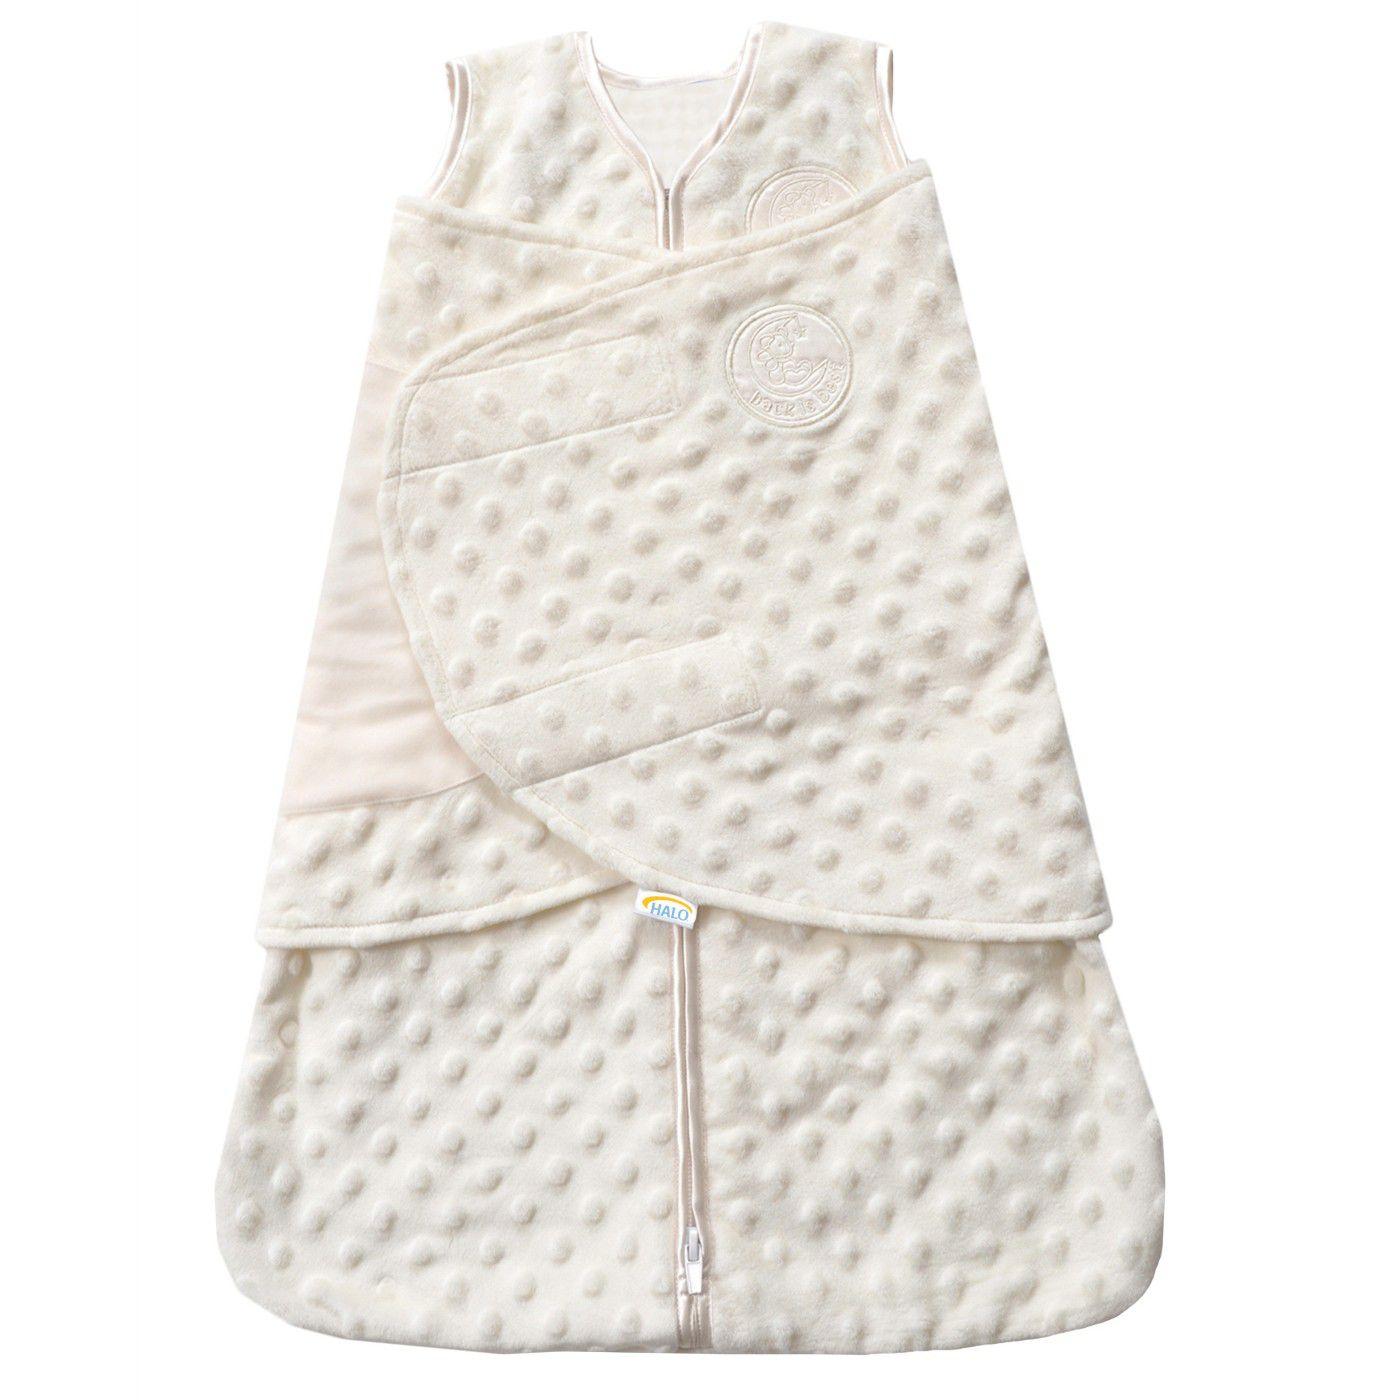 HALO® Sleepsack® Plushy Dot Velboa Swaddle - NB